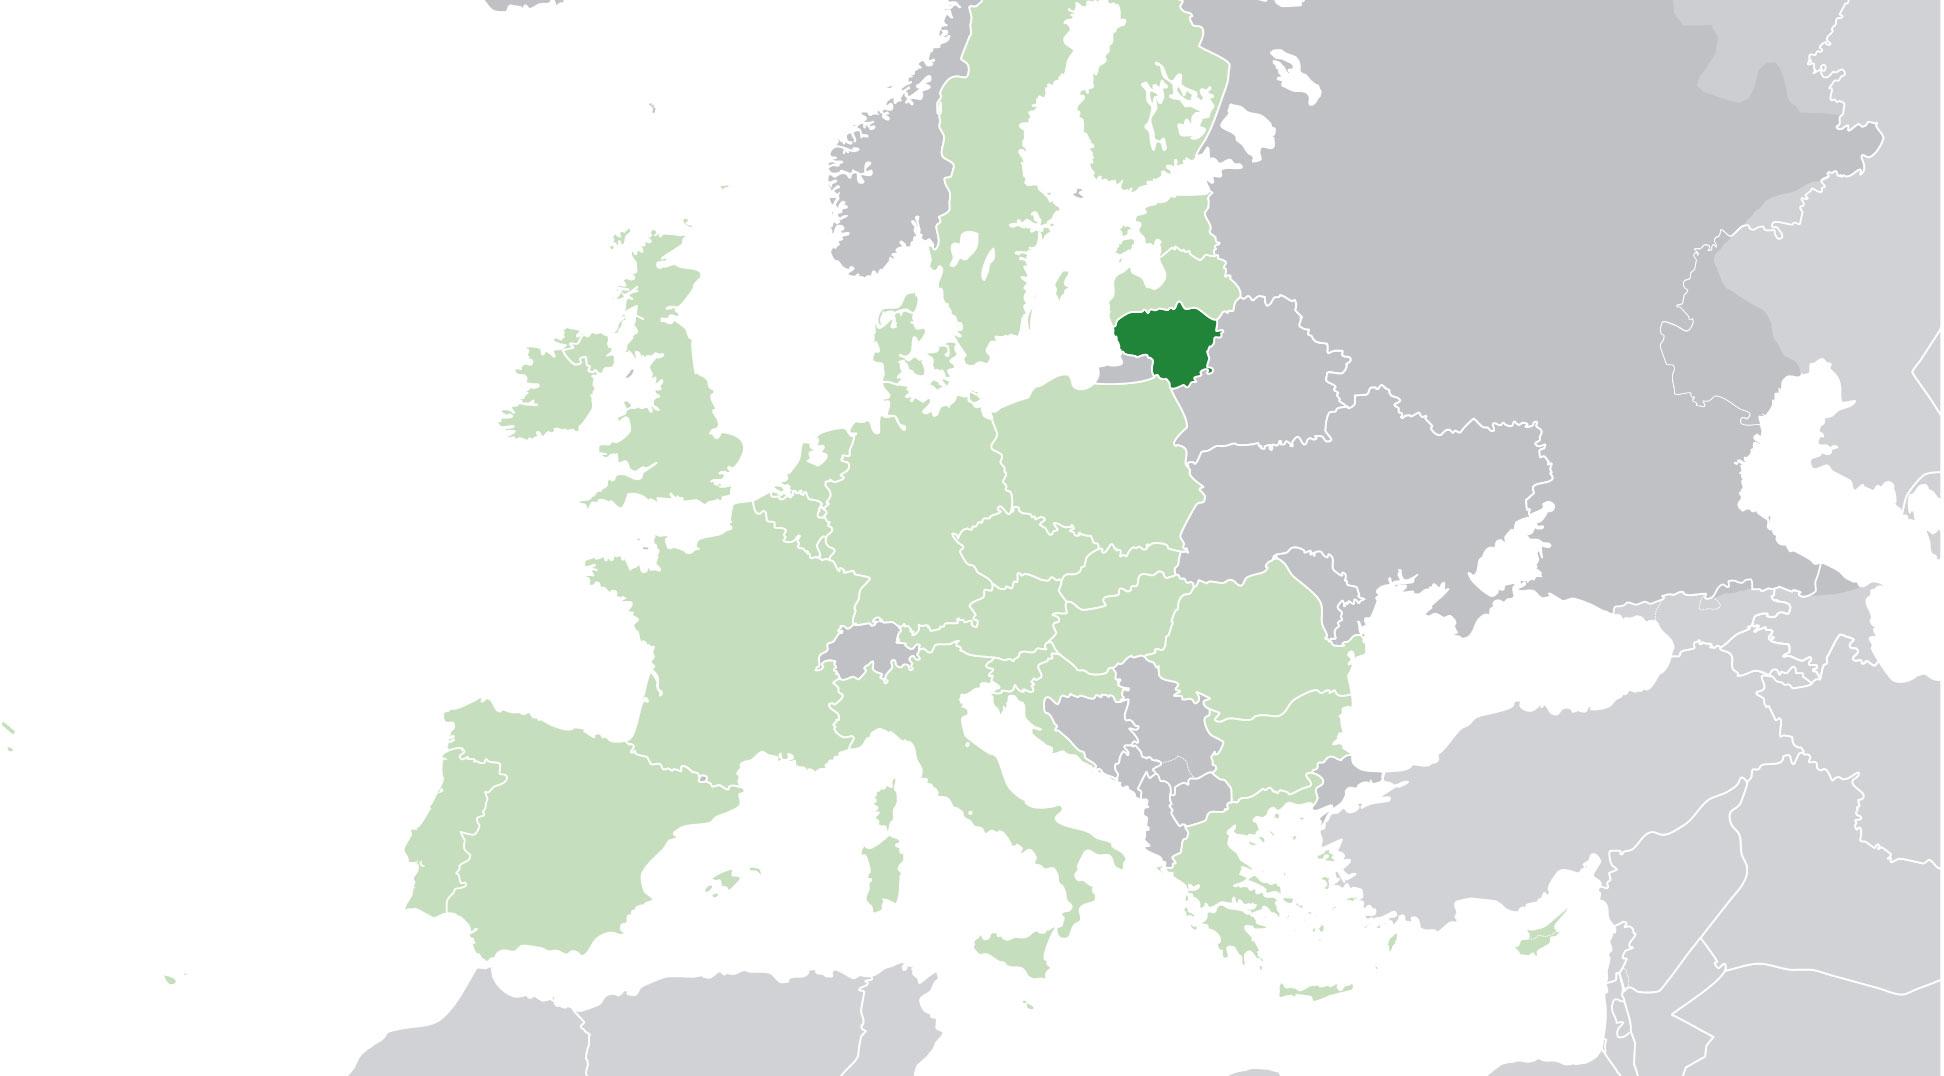 Localización geográfica de Lituania